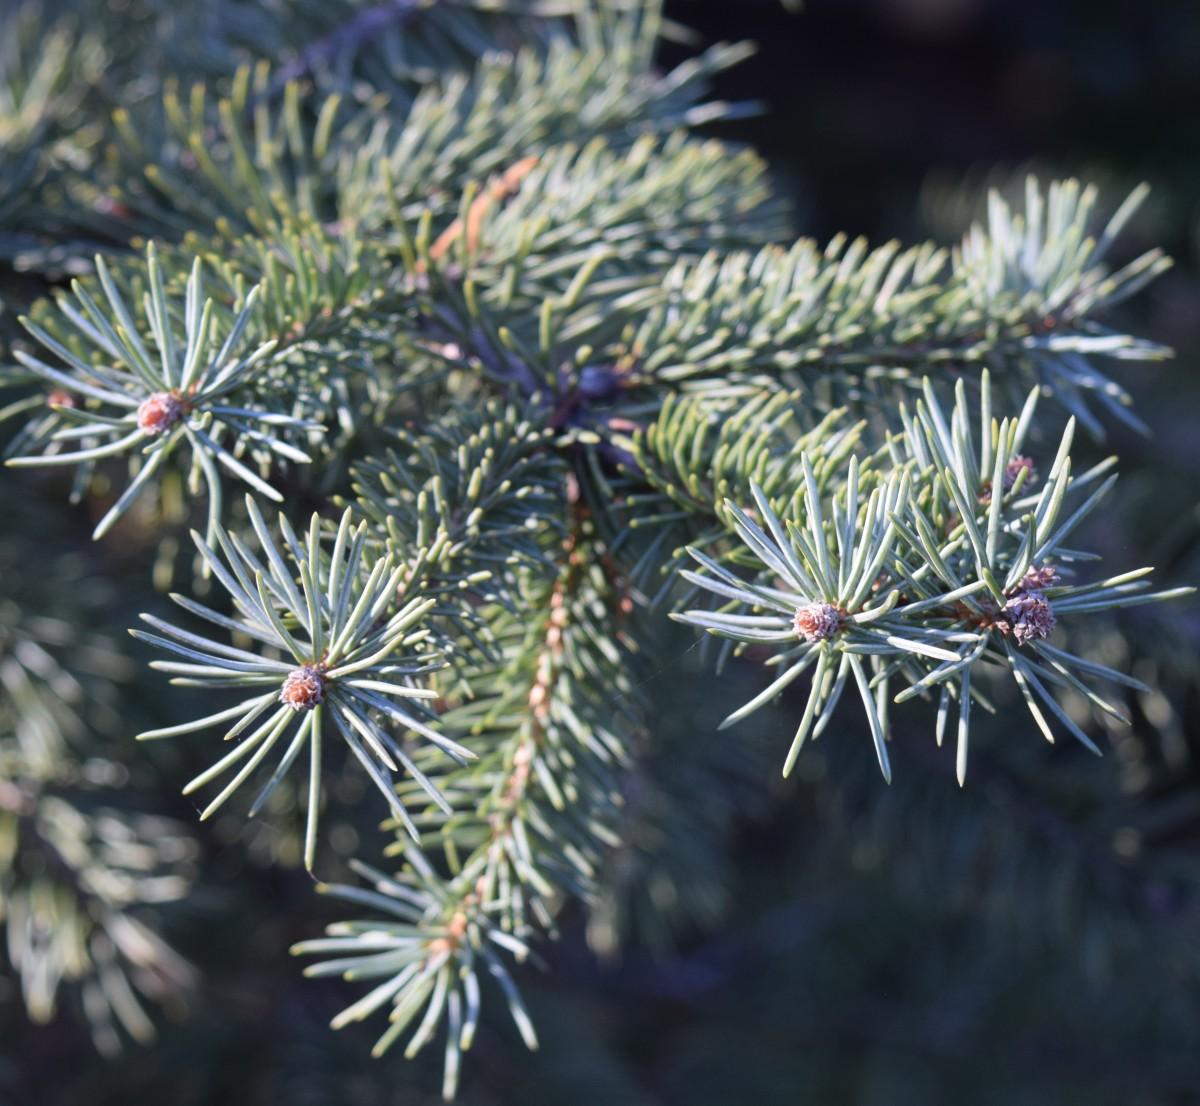 Needle-like foliage of the conifer Blue Spruce.